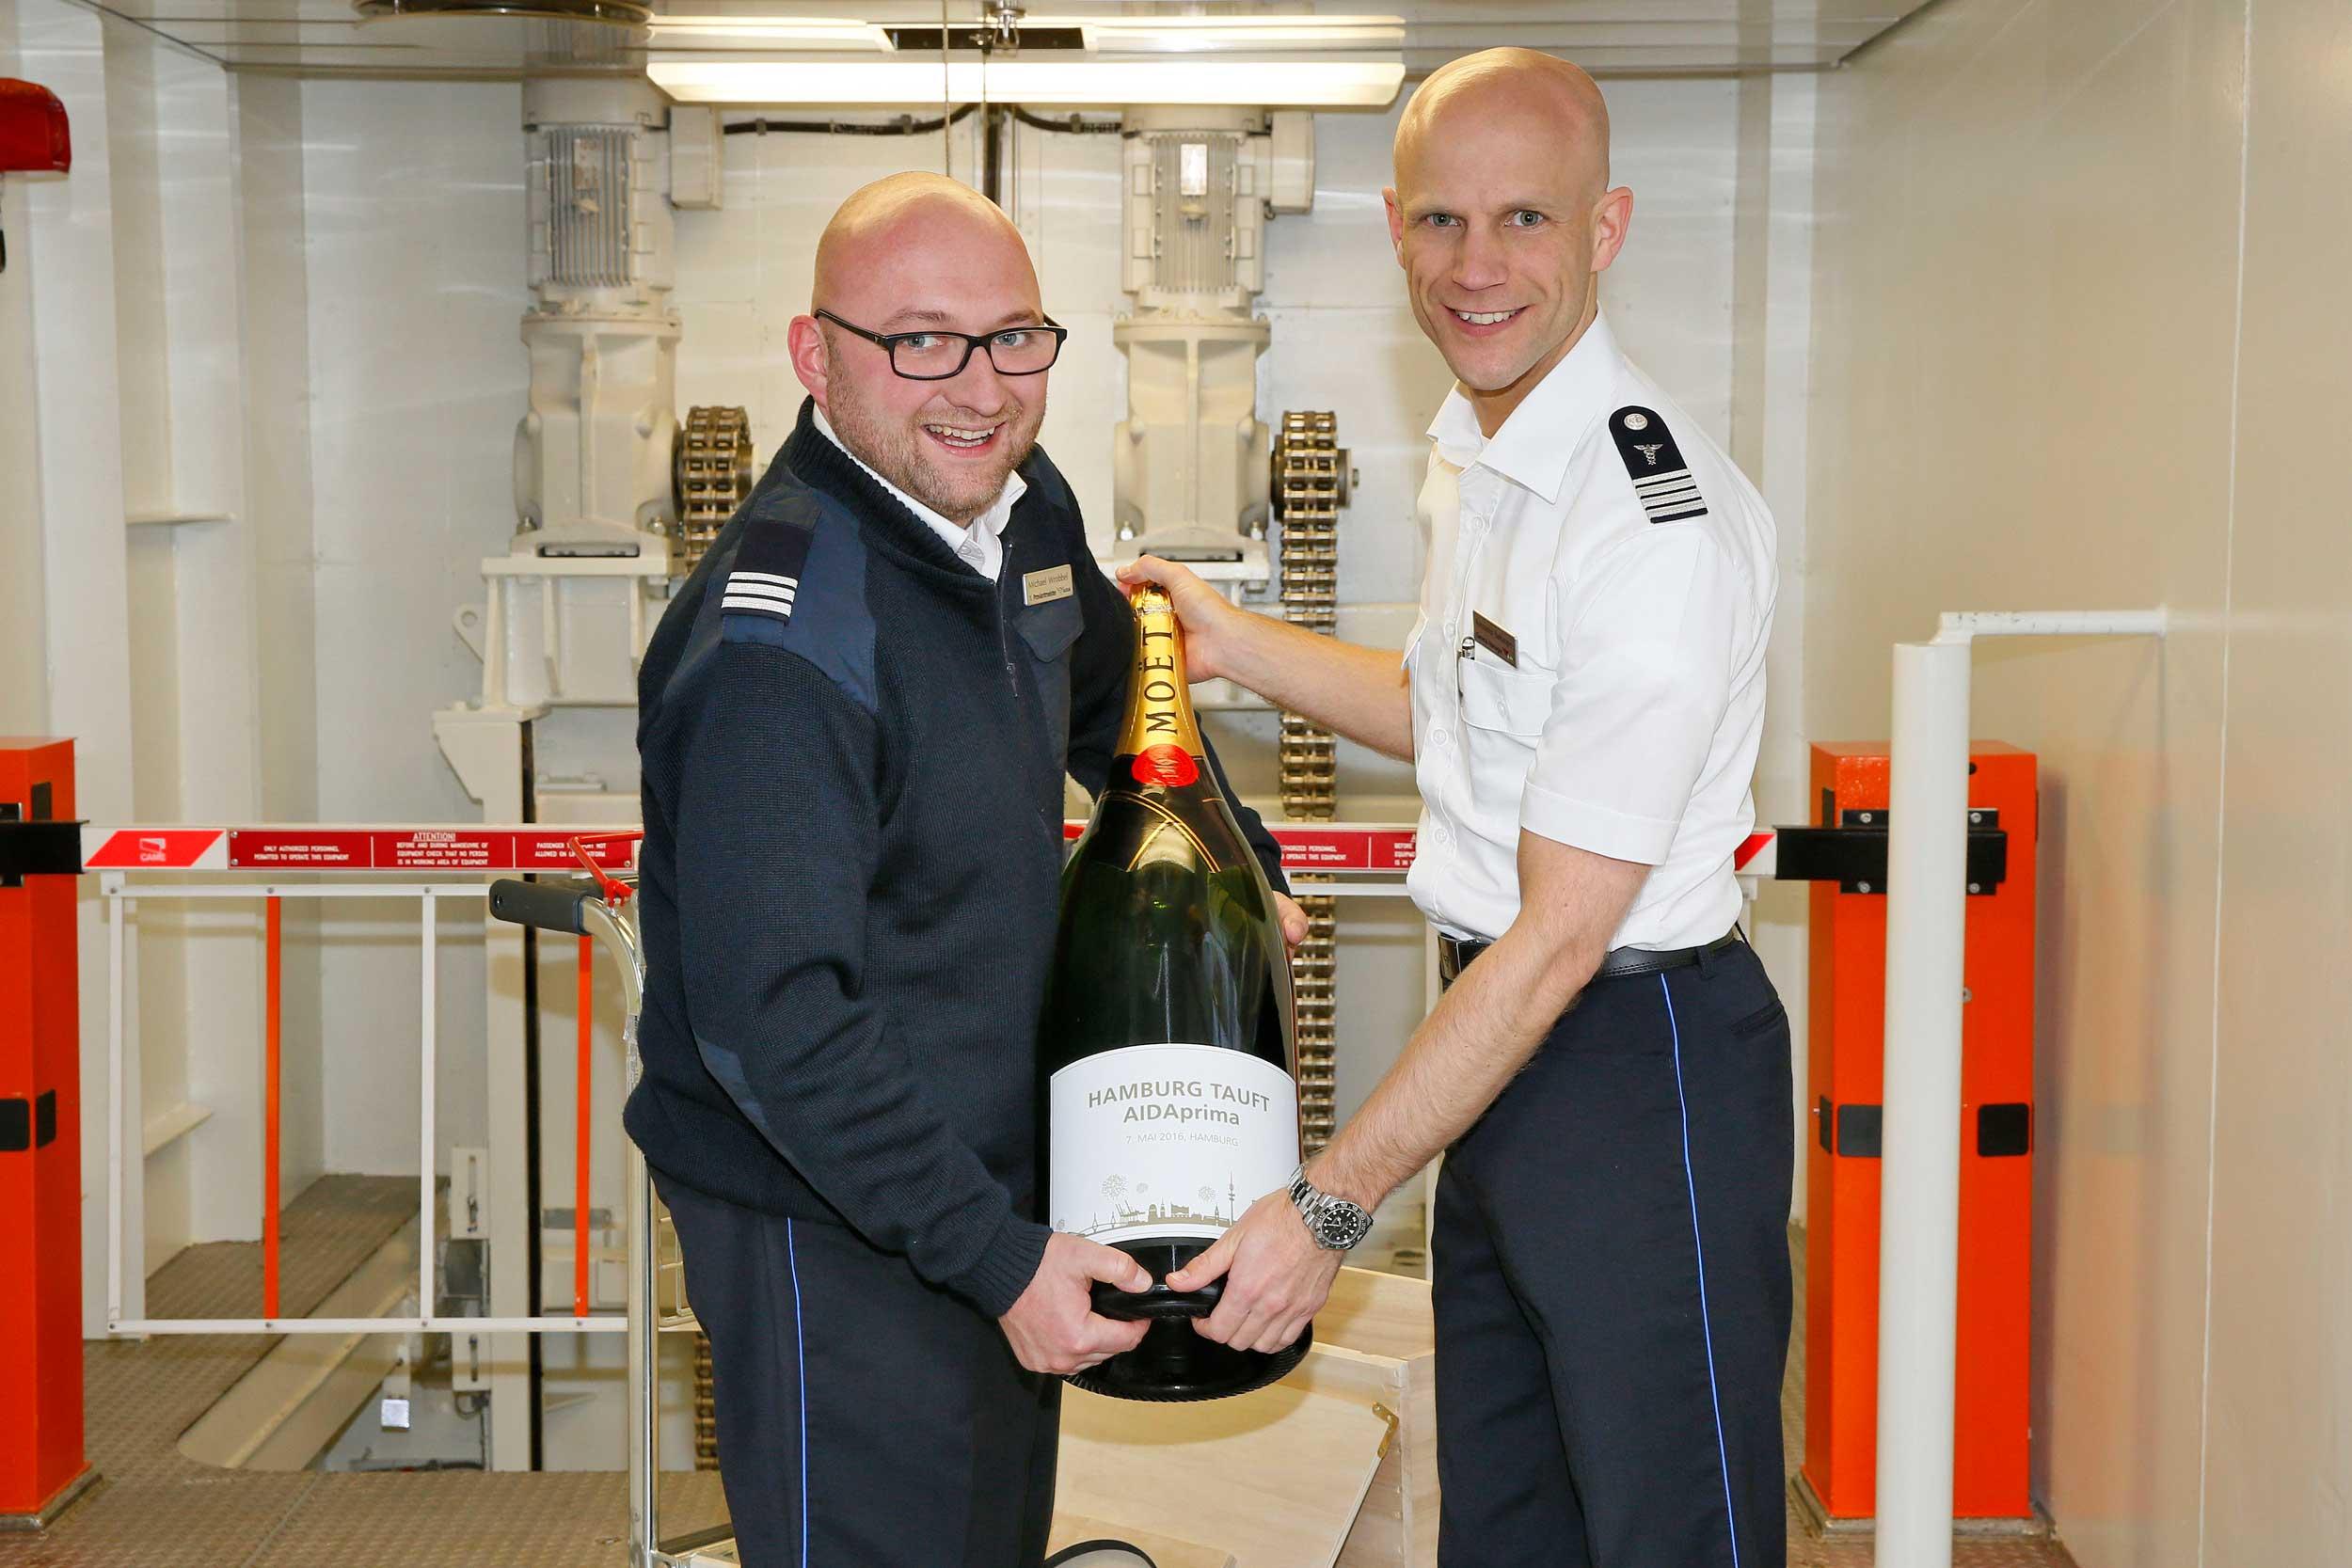 General Manager Konstantin Burkämper und Proviantmeister Michael Wrobbel mit der imposanten Balthazar-Flasche von Moët & Chandon. © AIDA Cruises